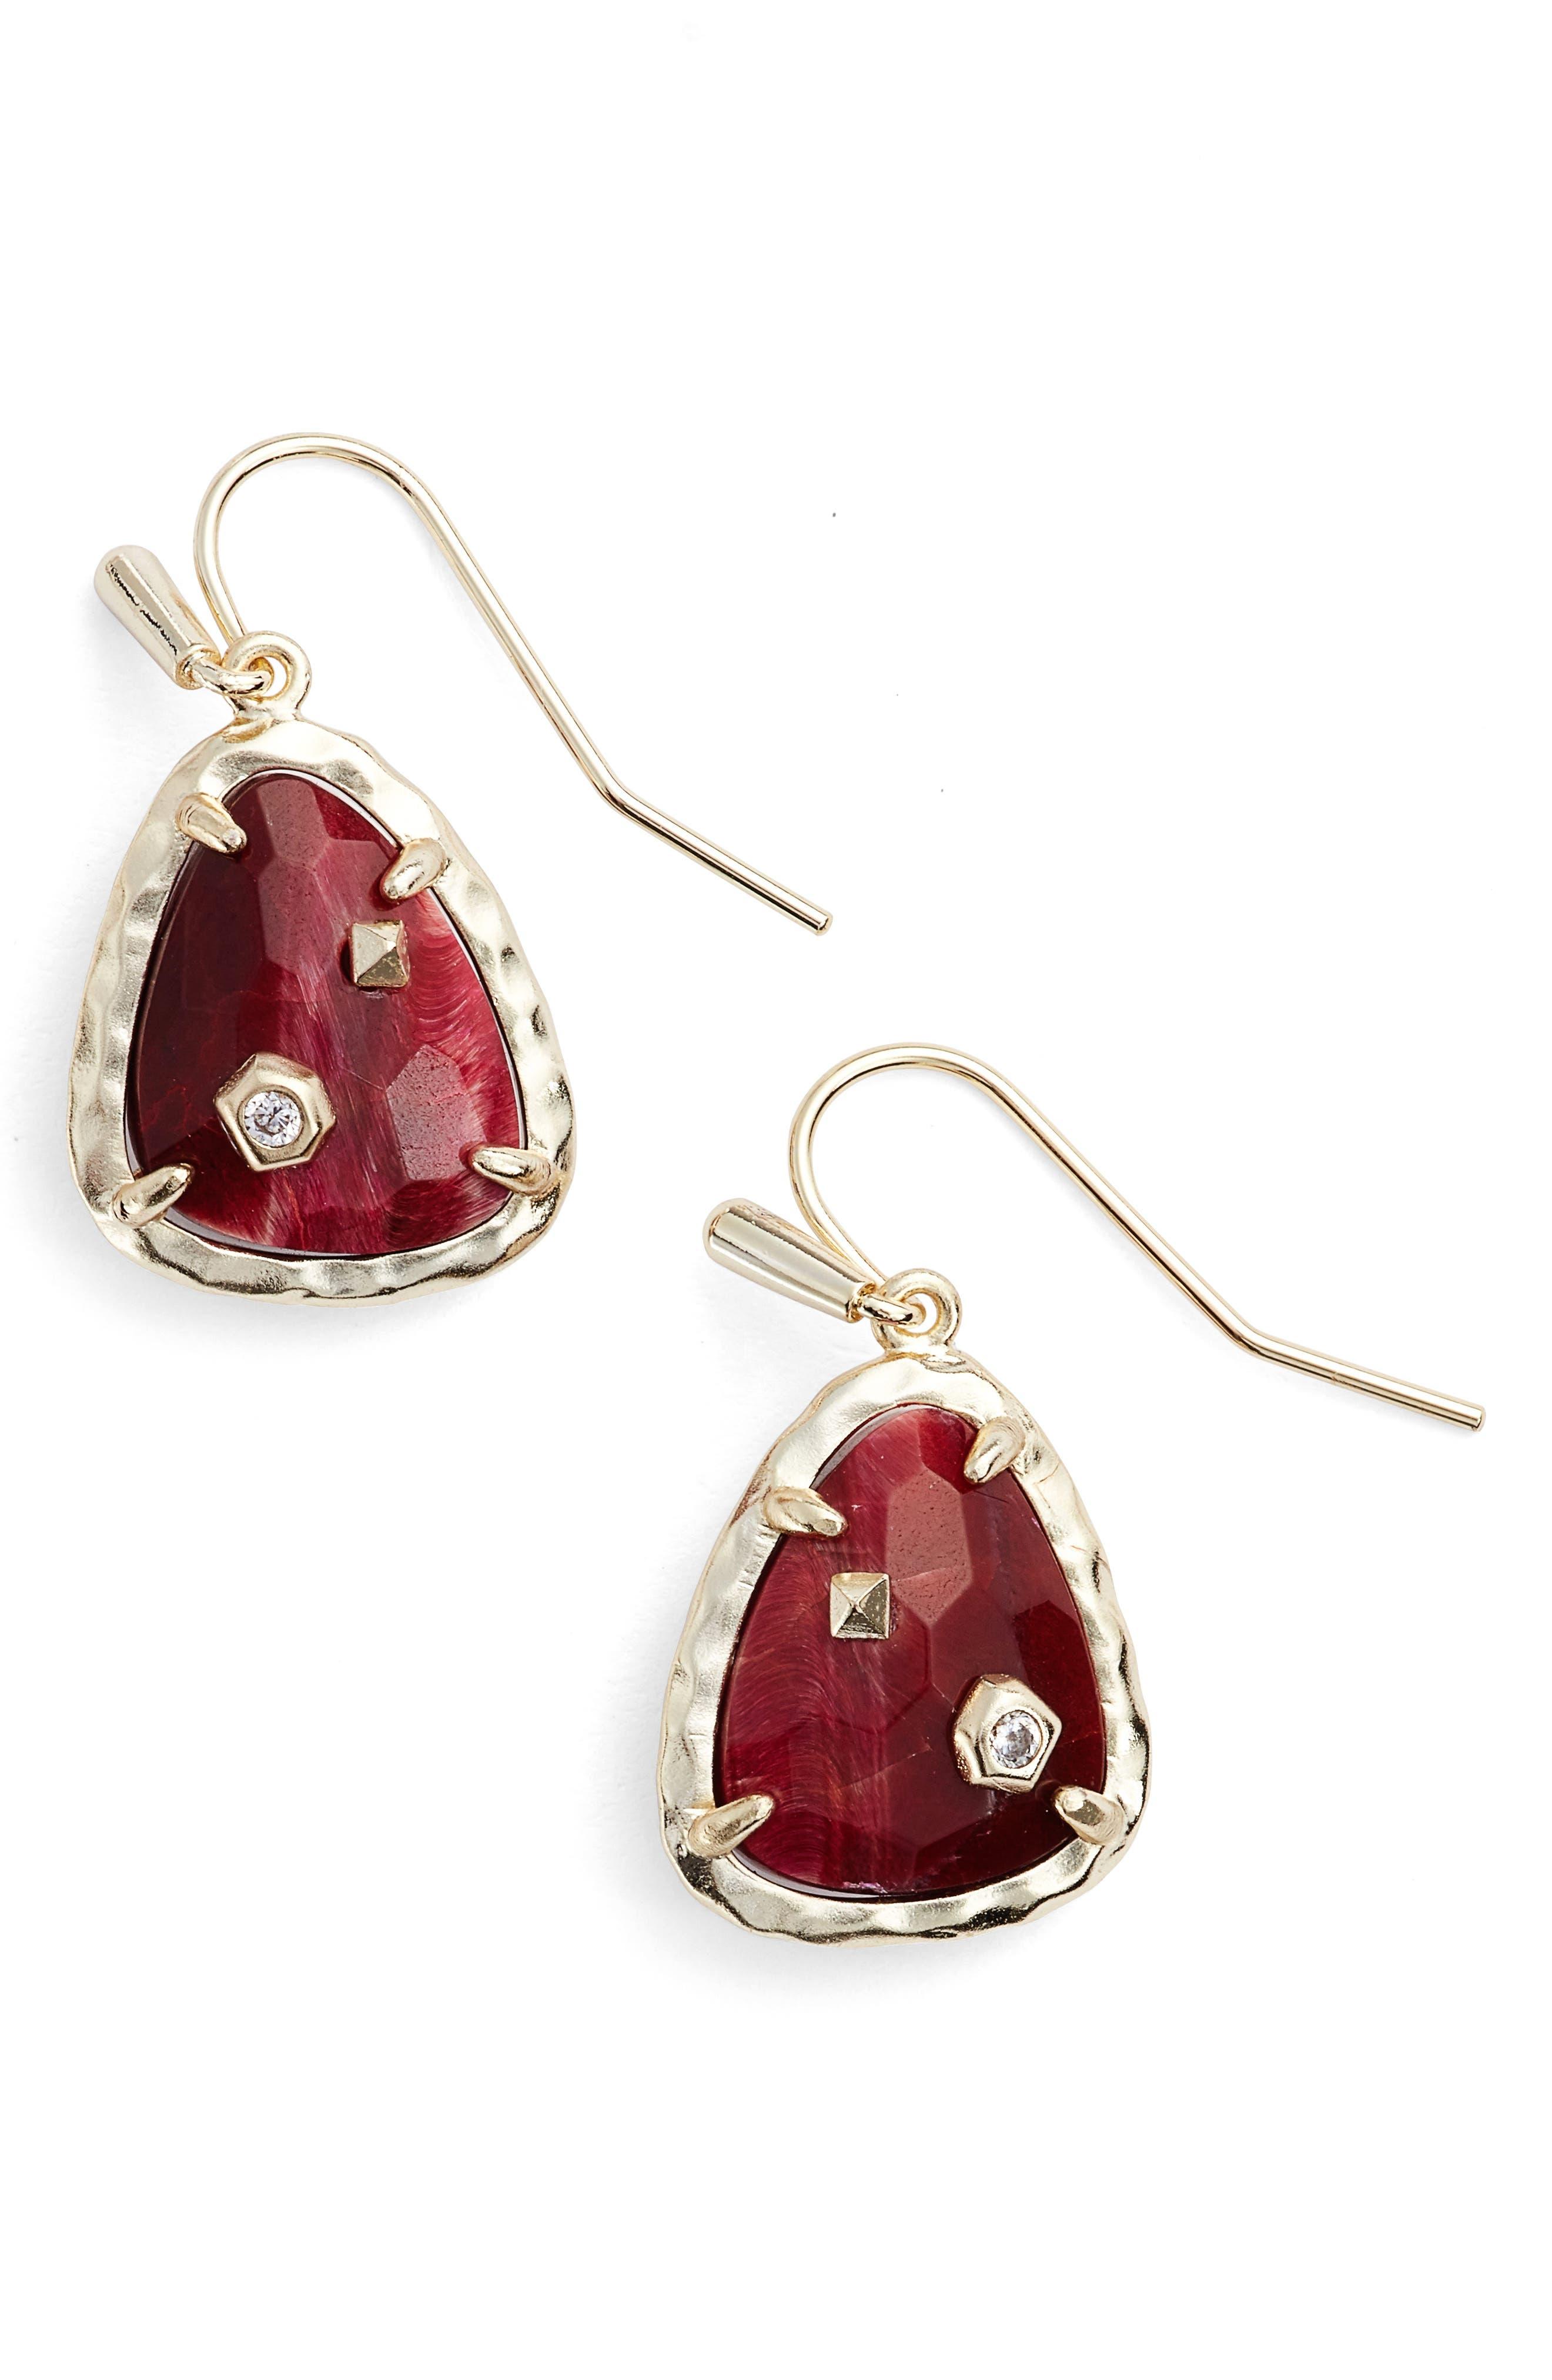 Kendra Scott Asher Drop Earrings